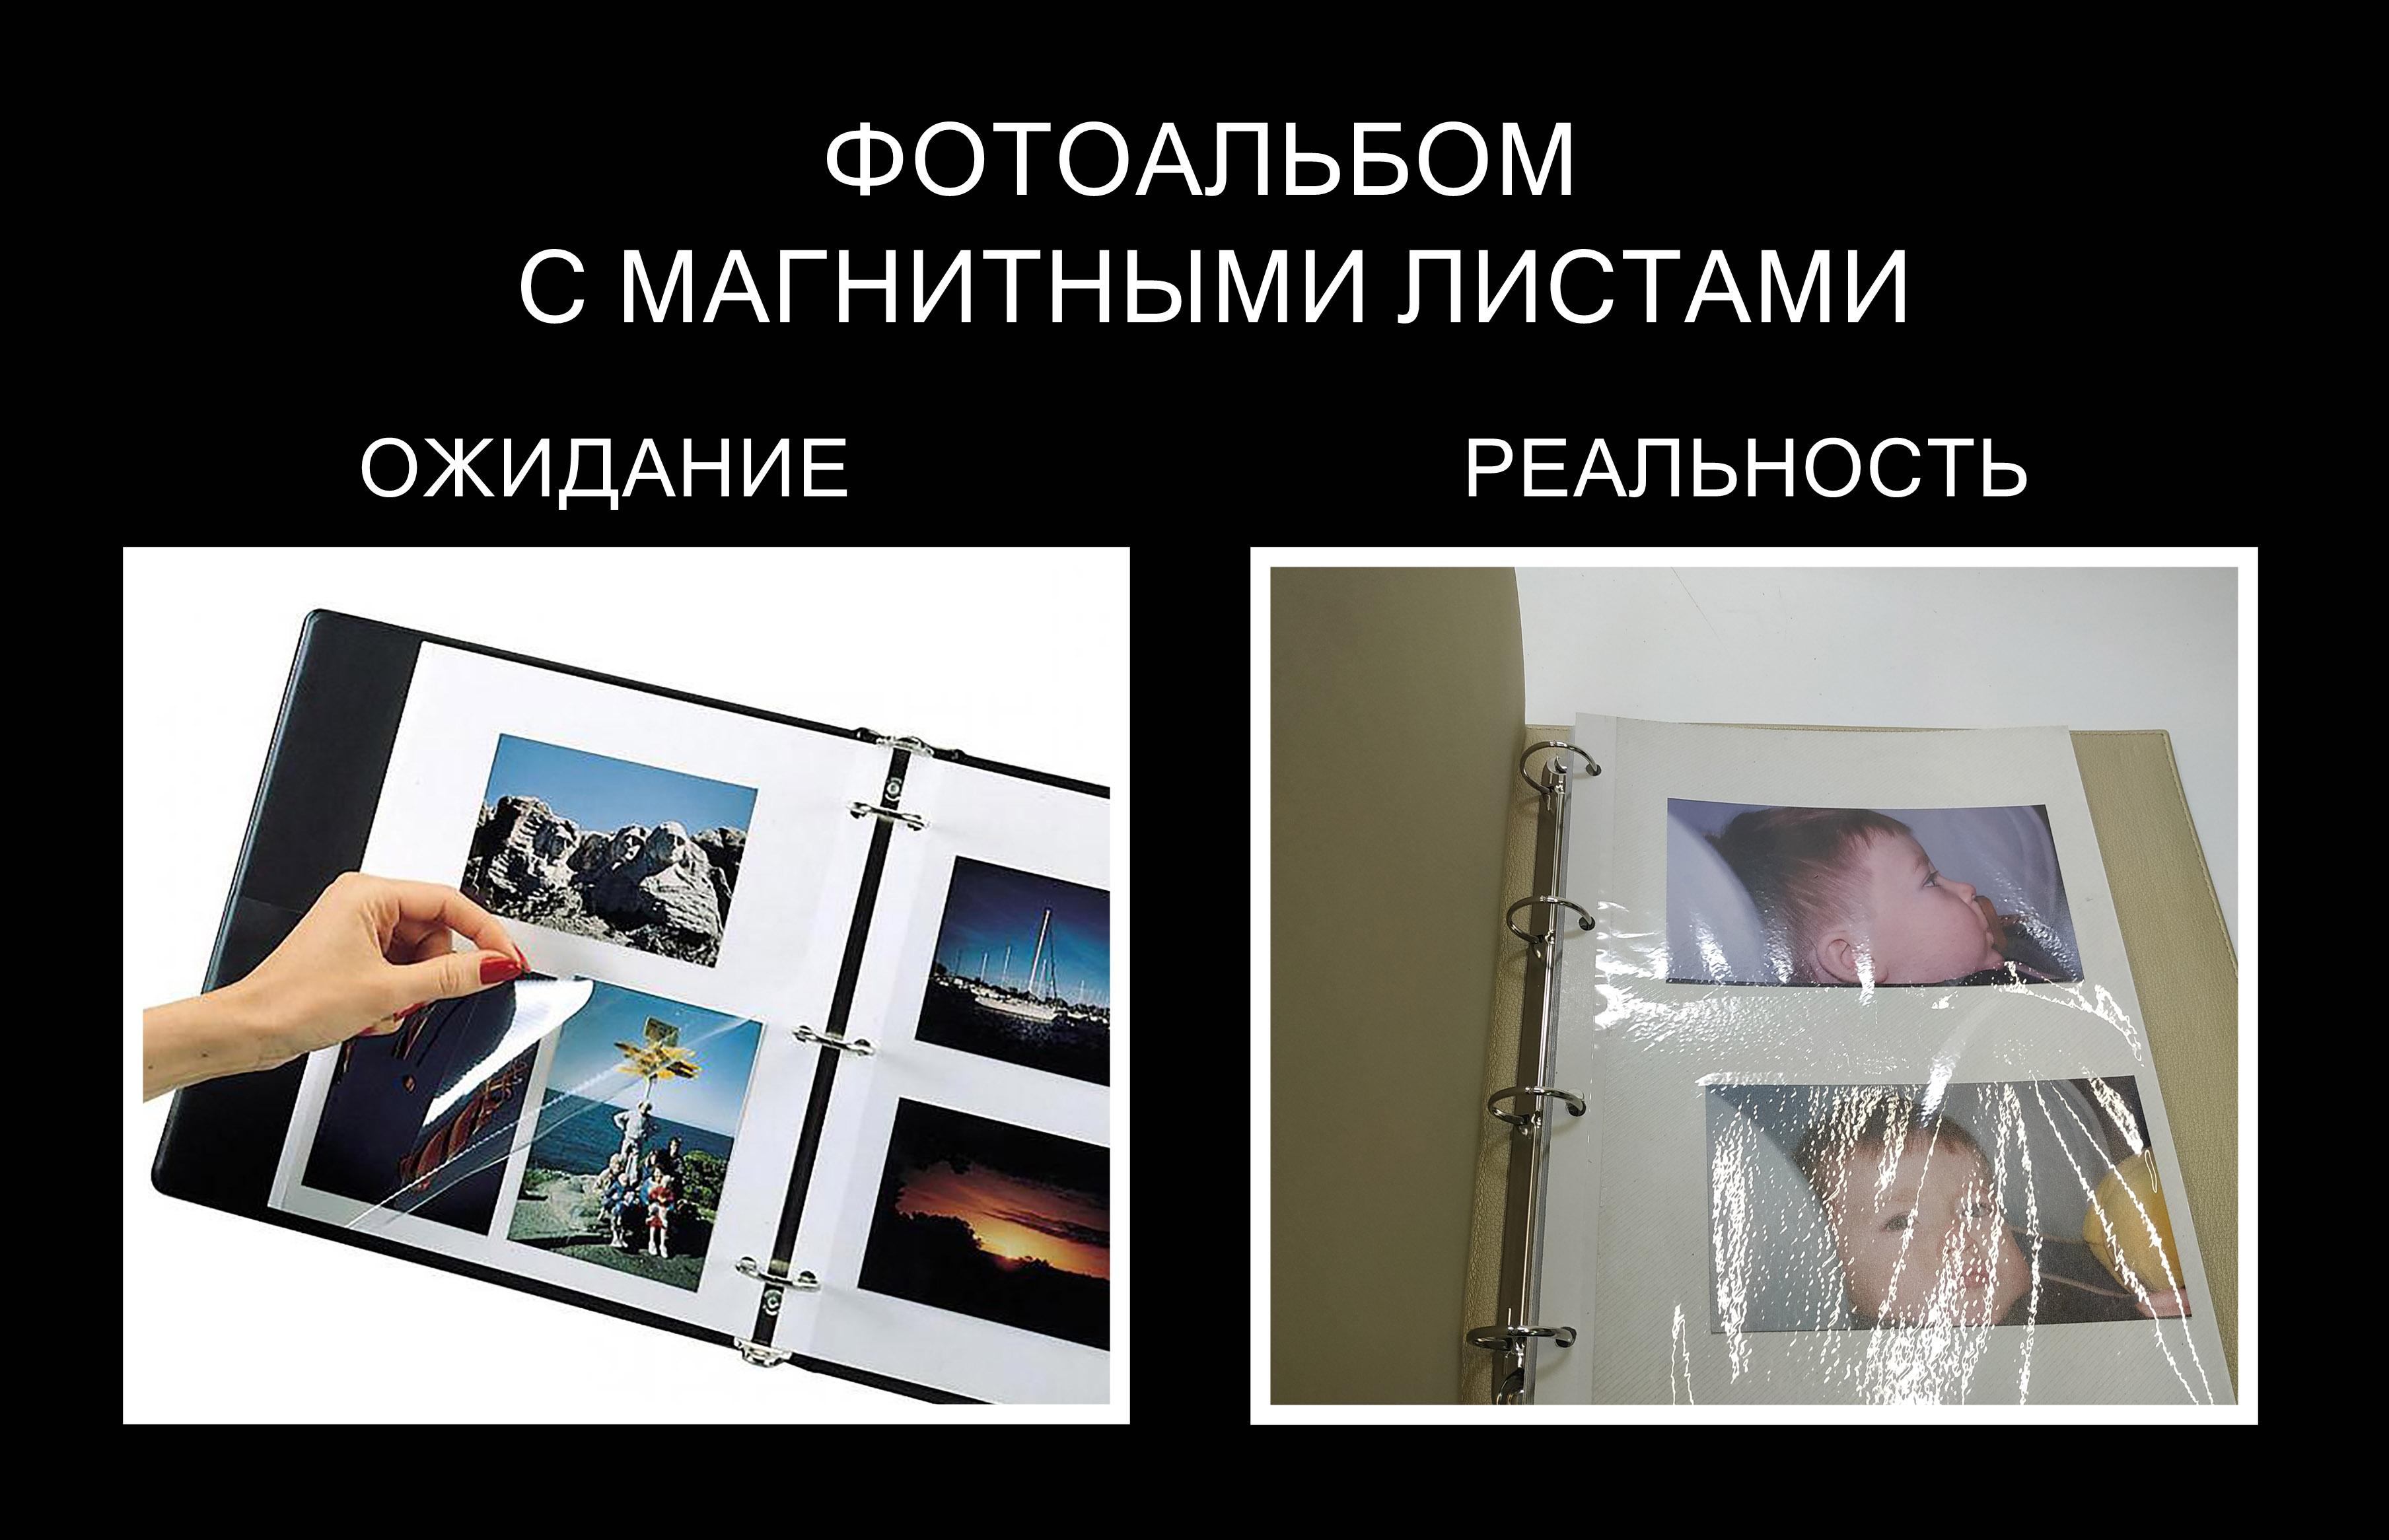 Фотоальбом с пленком создание модели работы с электронными учебниками